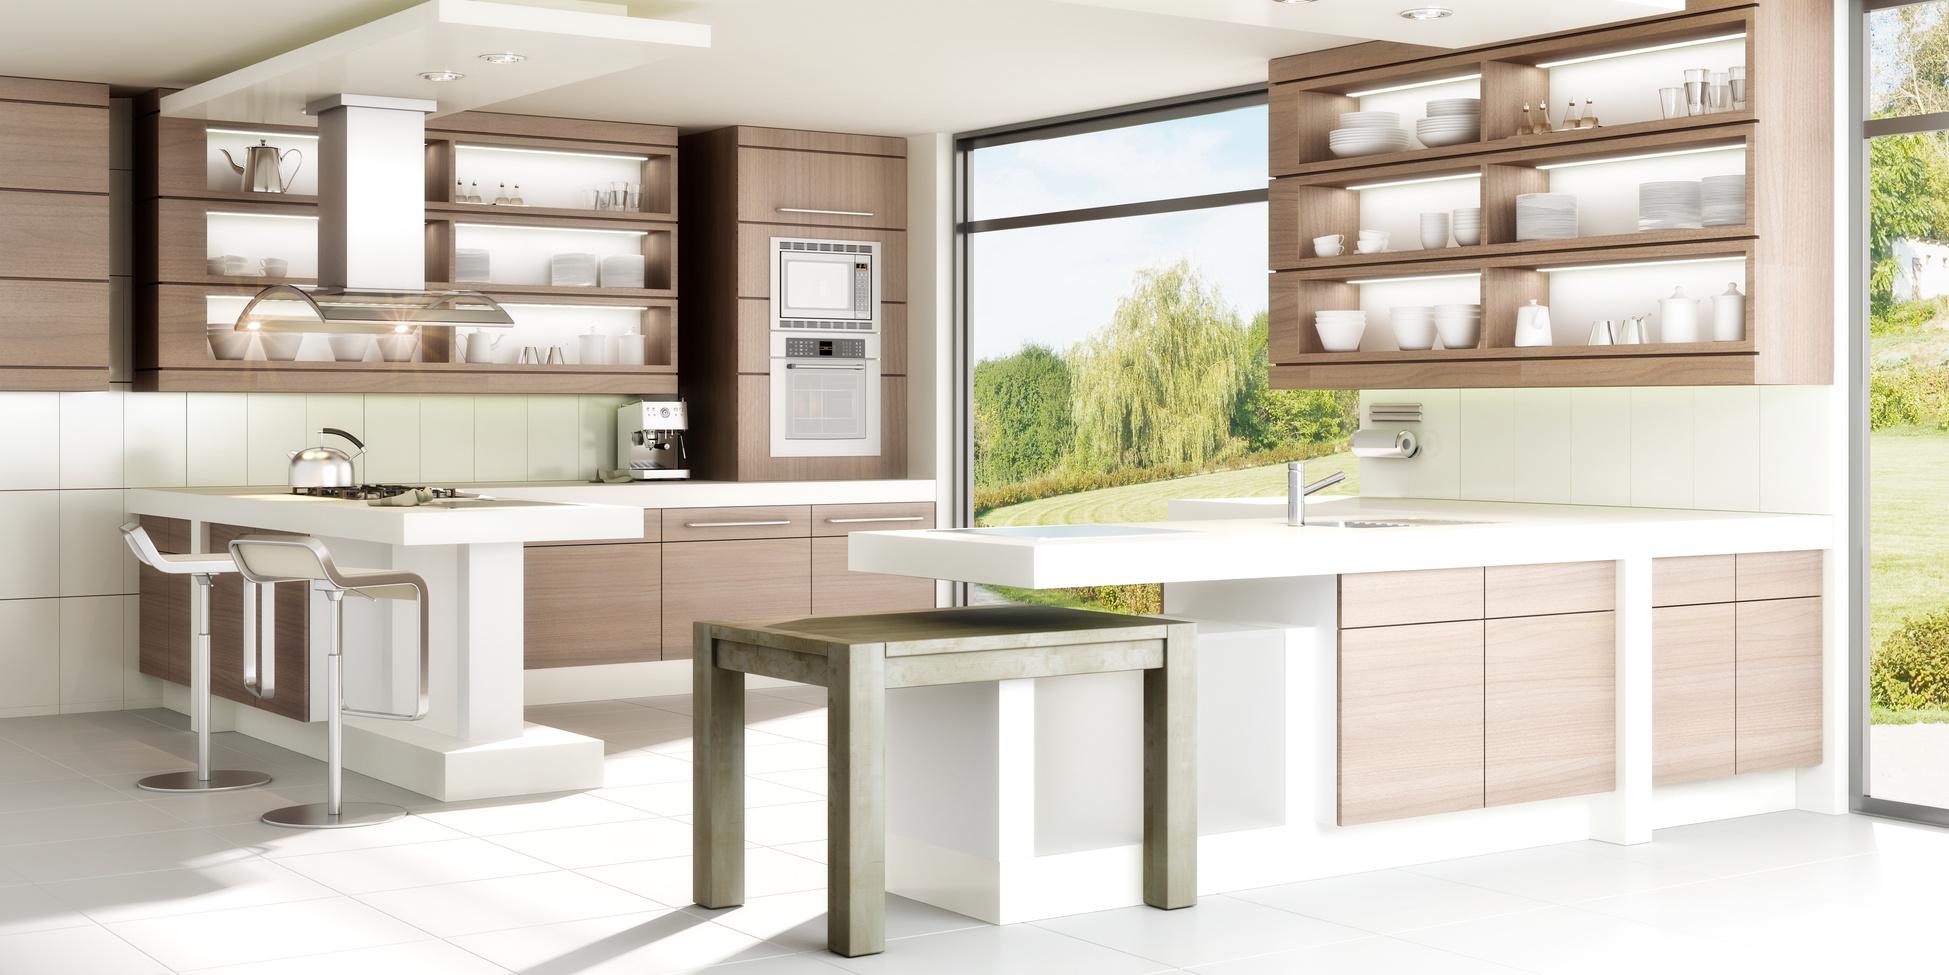 Küche G Form. Kleine Küche 140x200 Regal Selber Bauen Klassisch Weiß ...